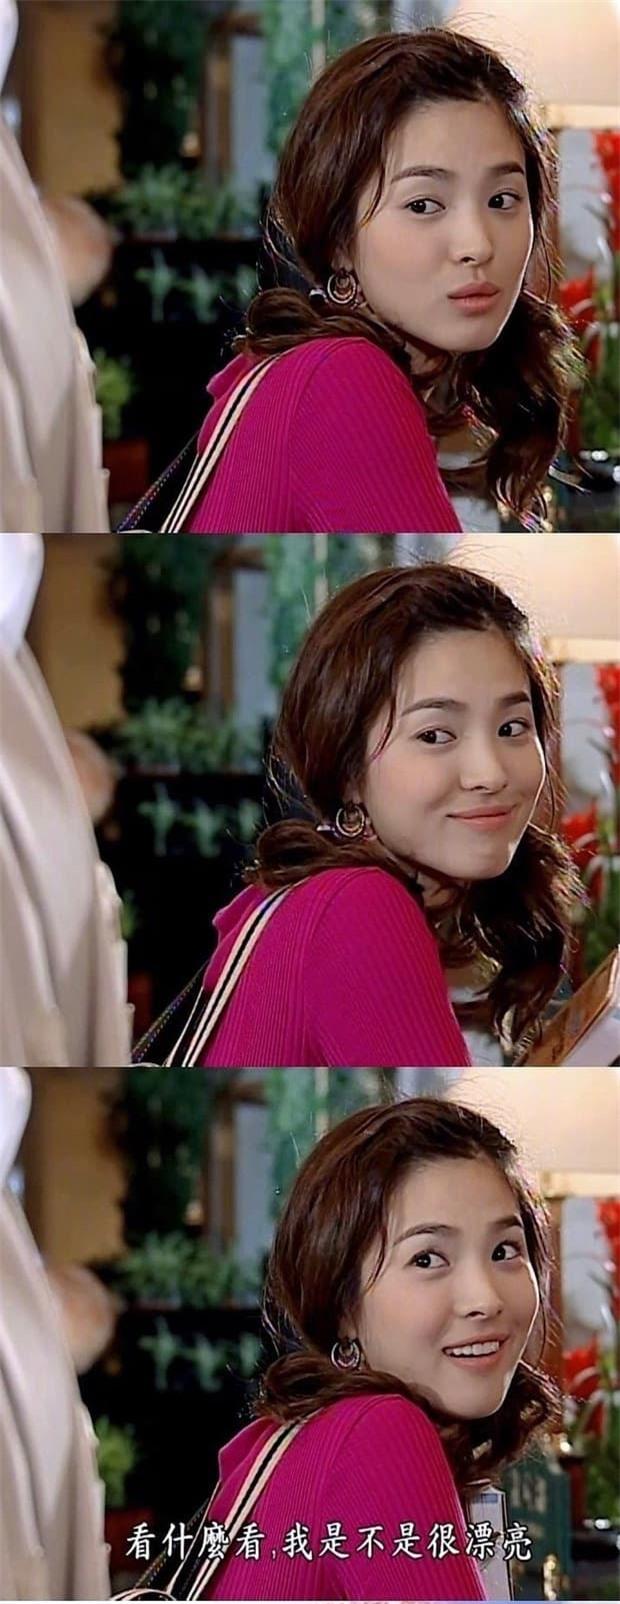 Ngắm lại vẻ đẹp 'sắc nước hương trời' của Song Hye Kyo thuở 'Full House' mới hiểu vì sao Hyun Bin, Song Joong Ki mê như điếu đổ 2